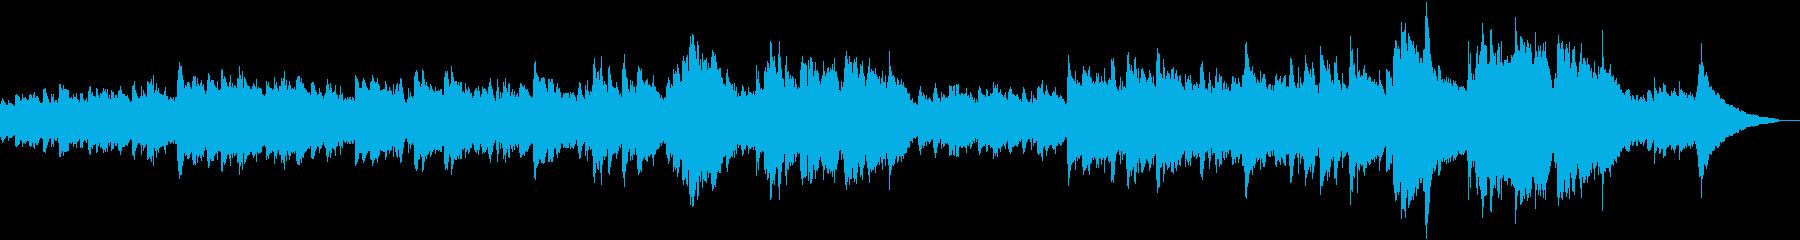 映画のようなロマンチックな音楽の再生済みの波形